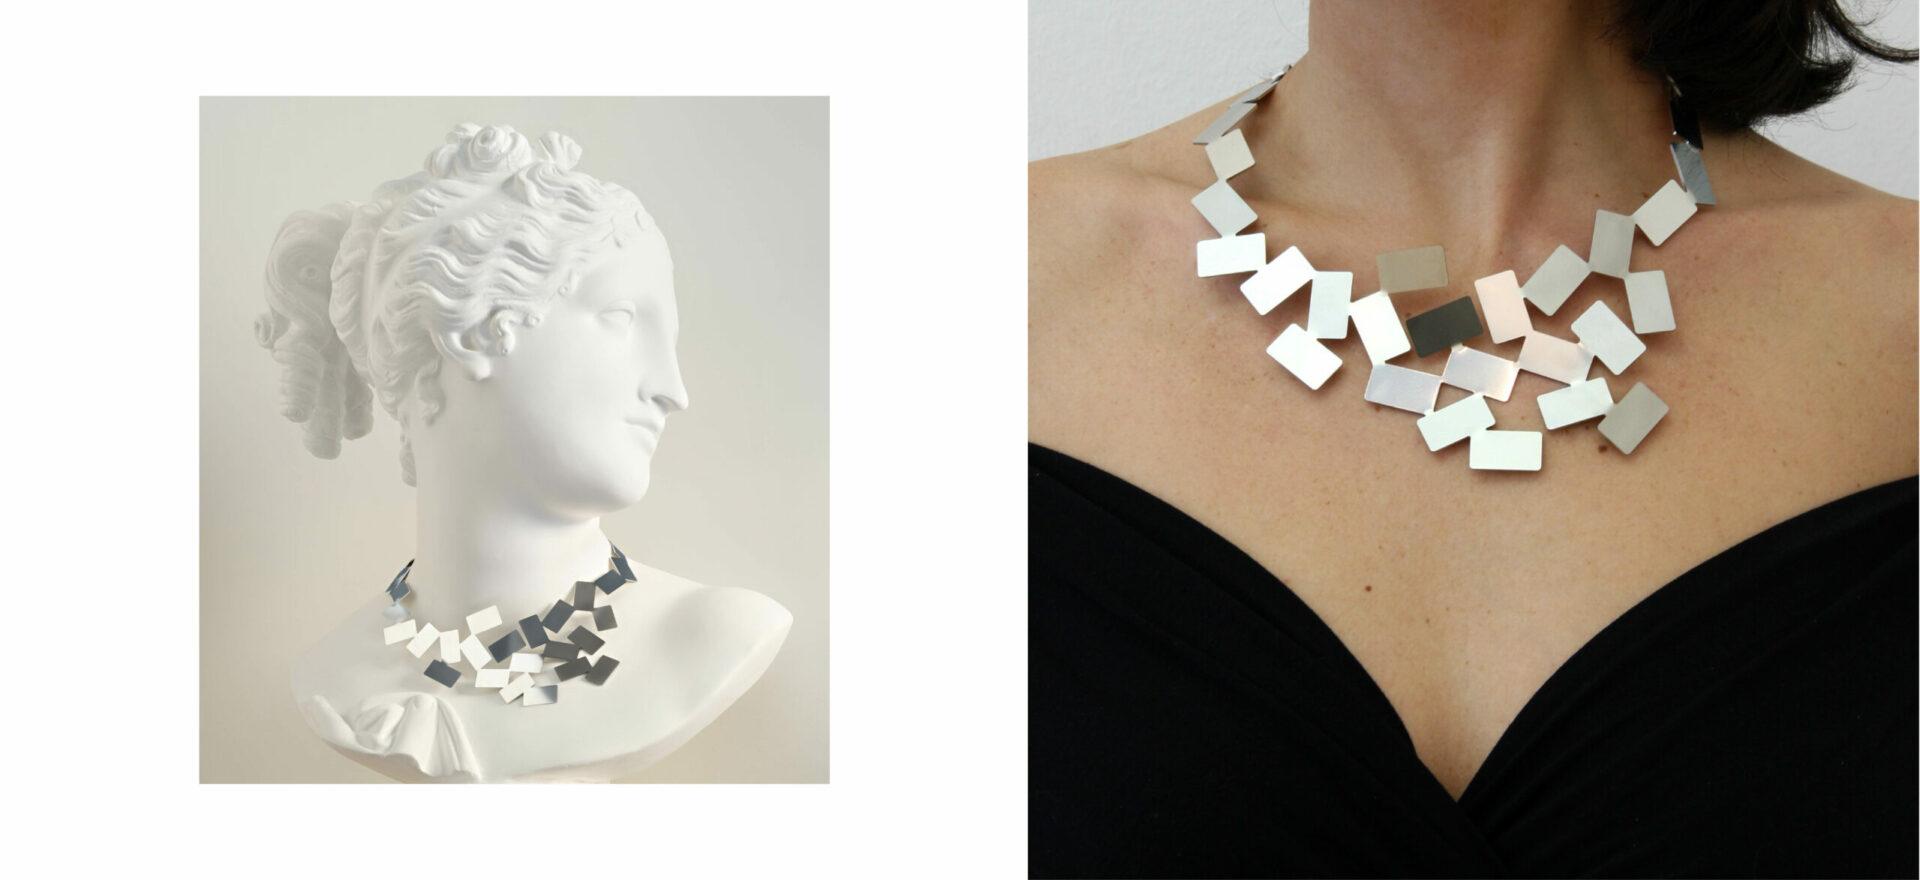 Fiato sul collo_Alessi_Art direction_Jewelry_Mario Trimarchi Design_Product Artworks_Ph Santi Caleca